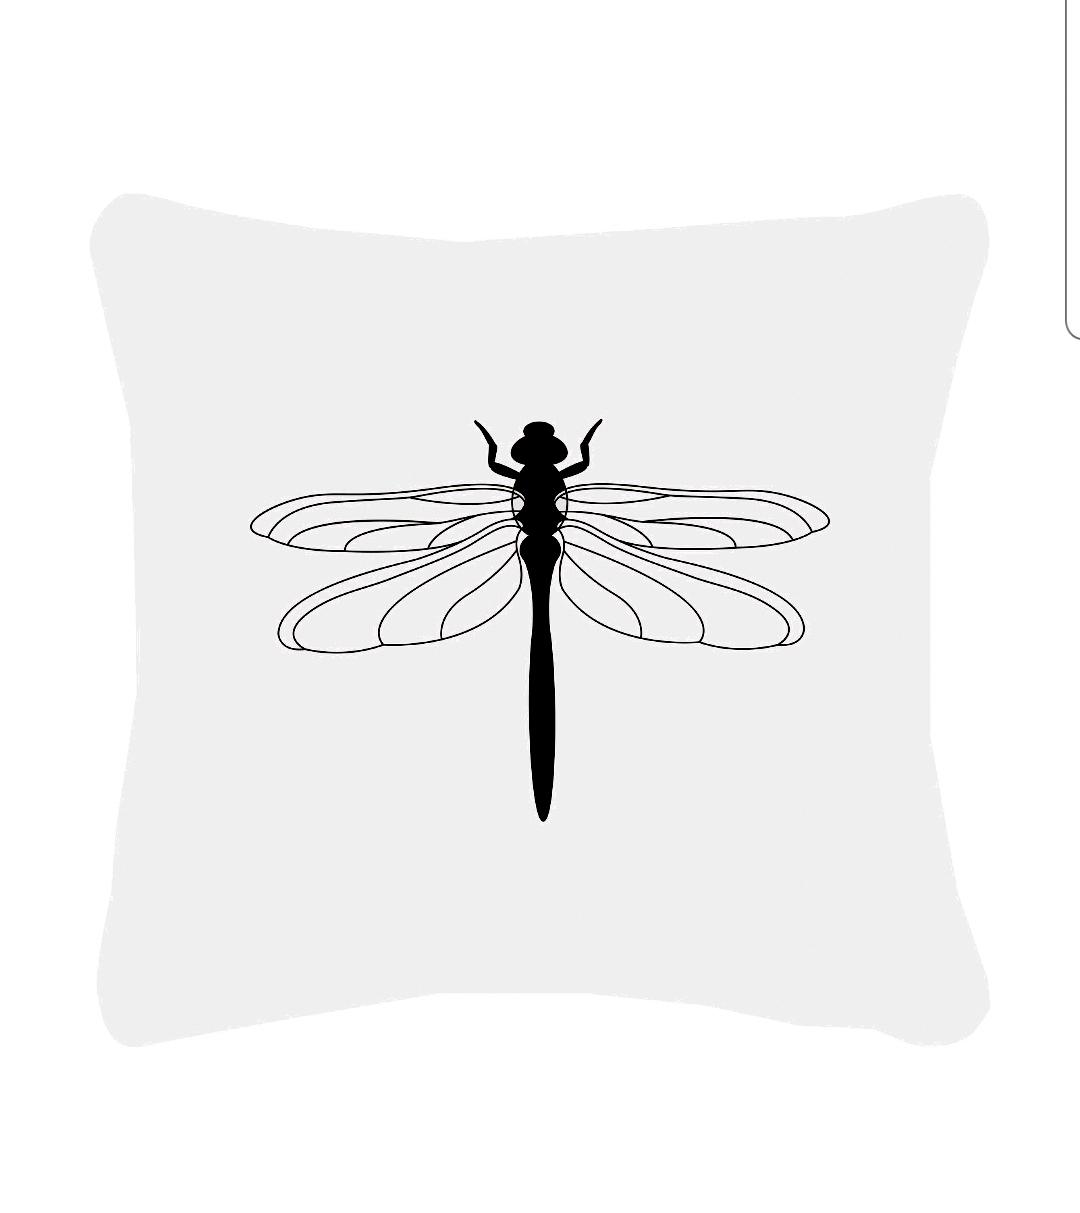 Buitenkussen wit met zwarte libelle van Zoedt